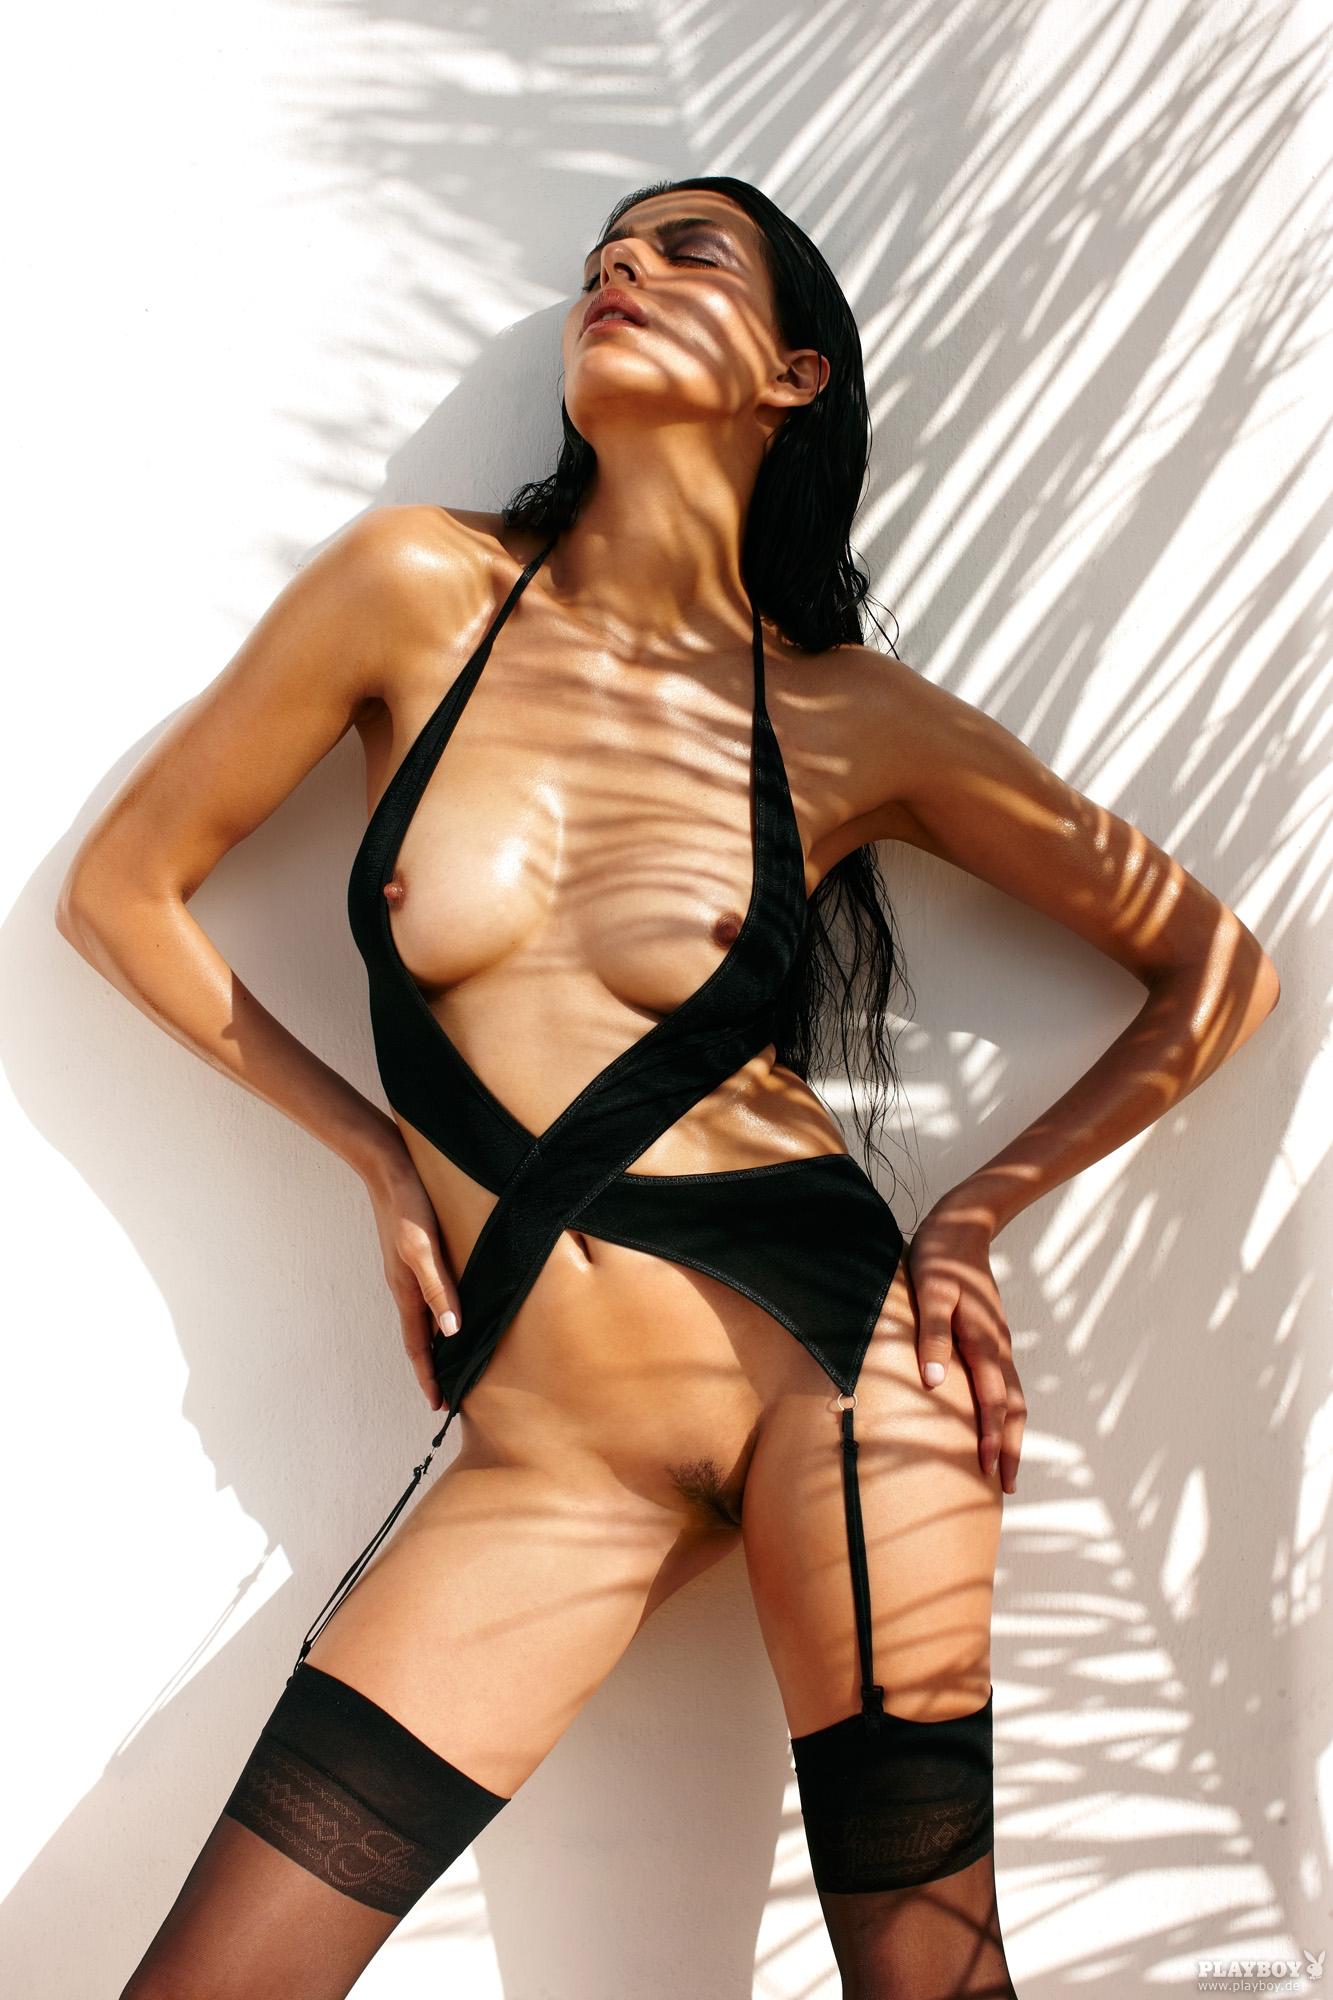 31694_GabrielaMilagre_PlayboyGermany_August20126_123_130lo.jpg